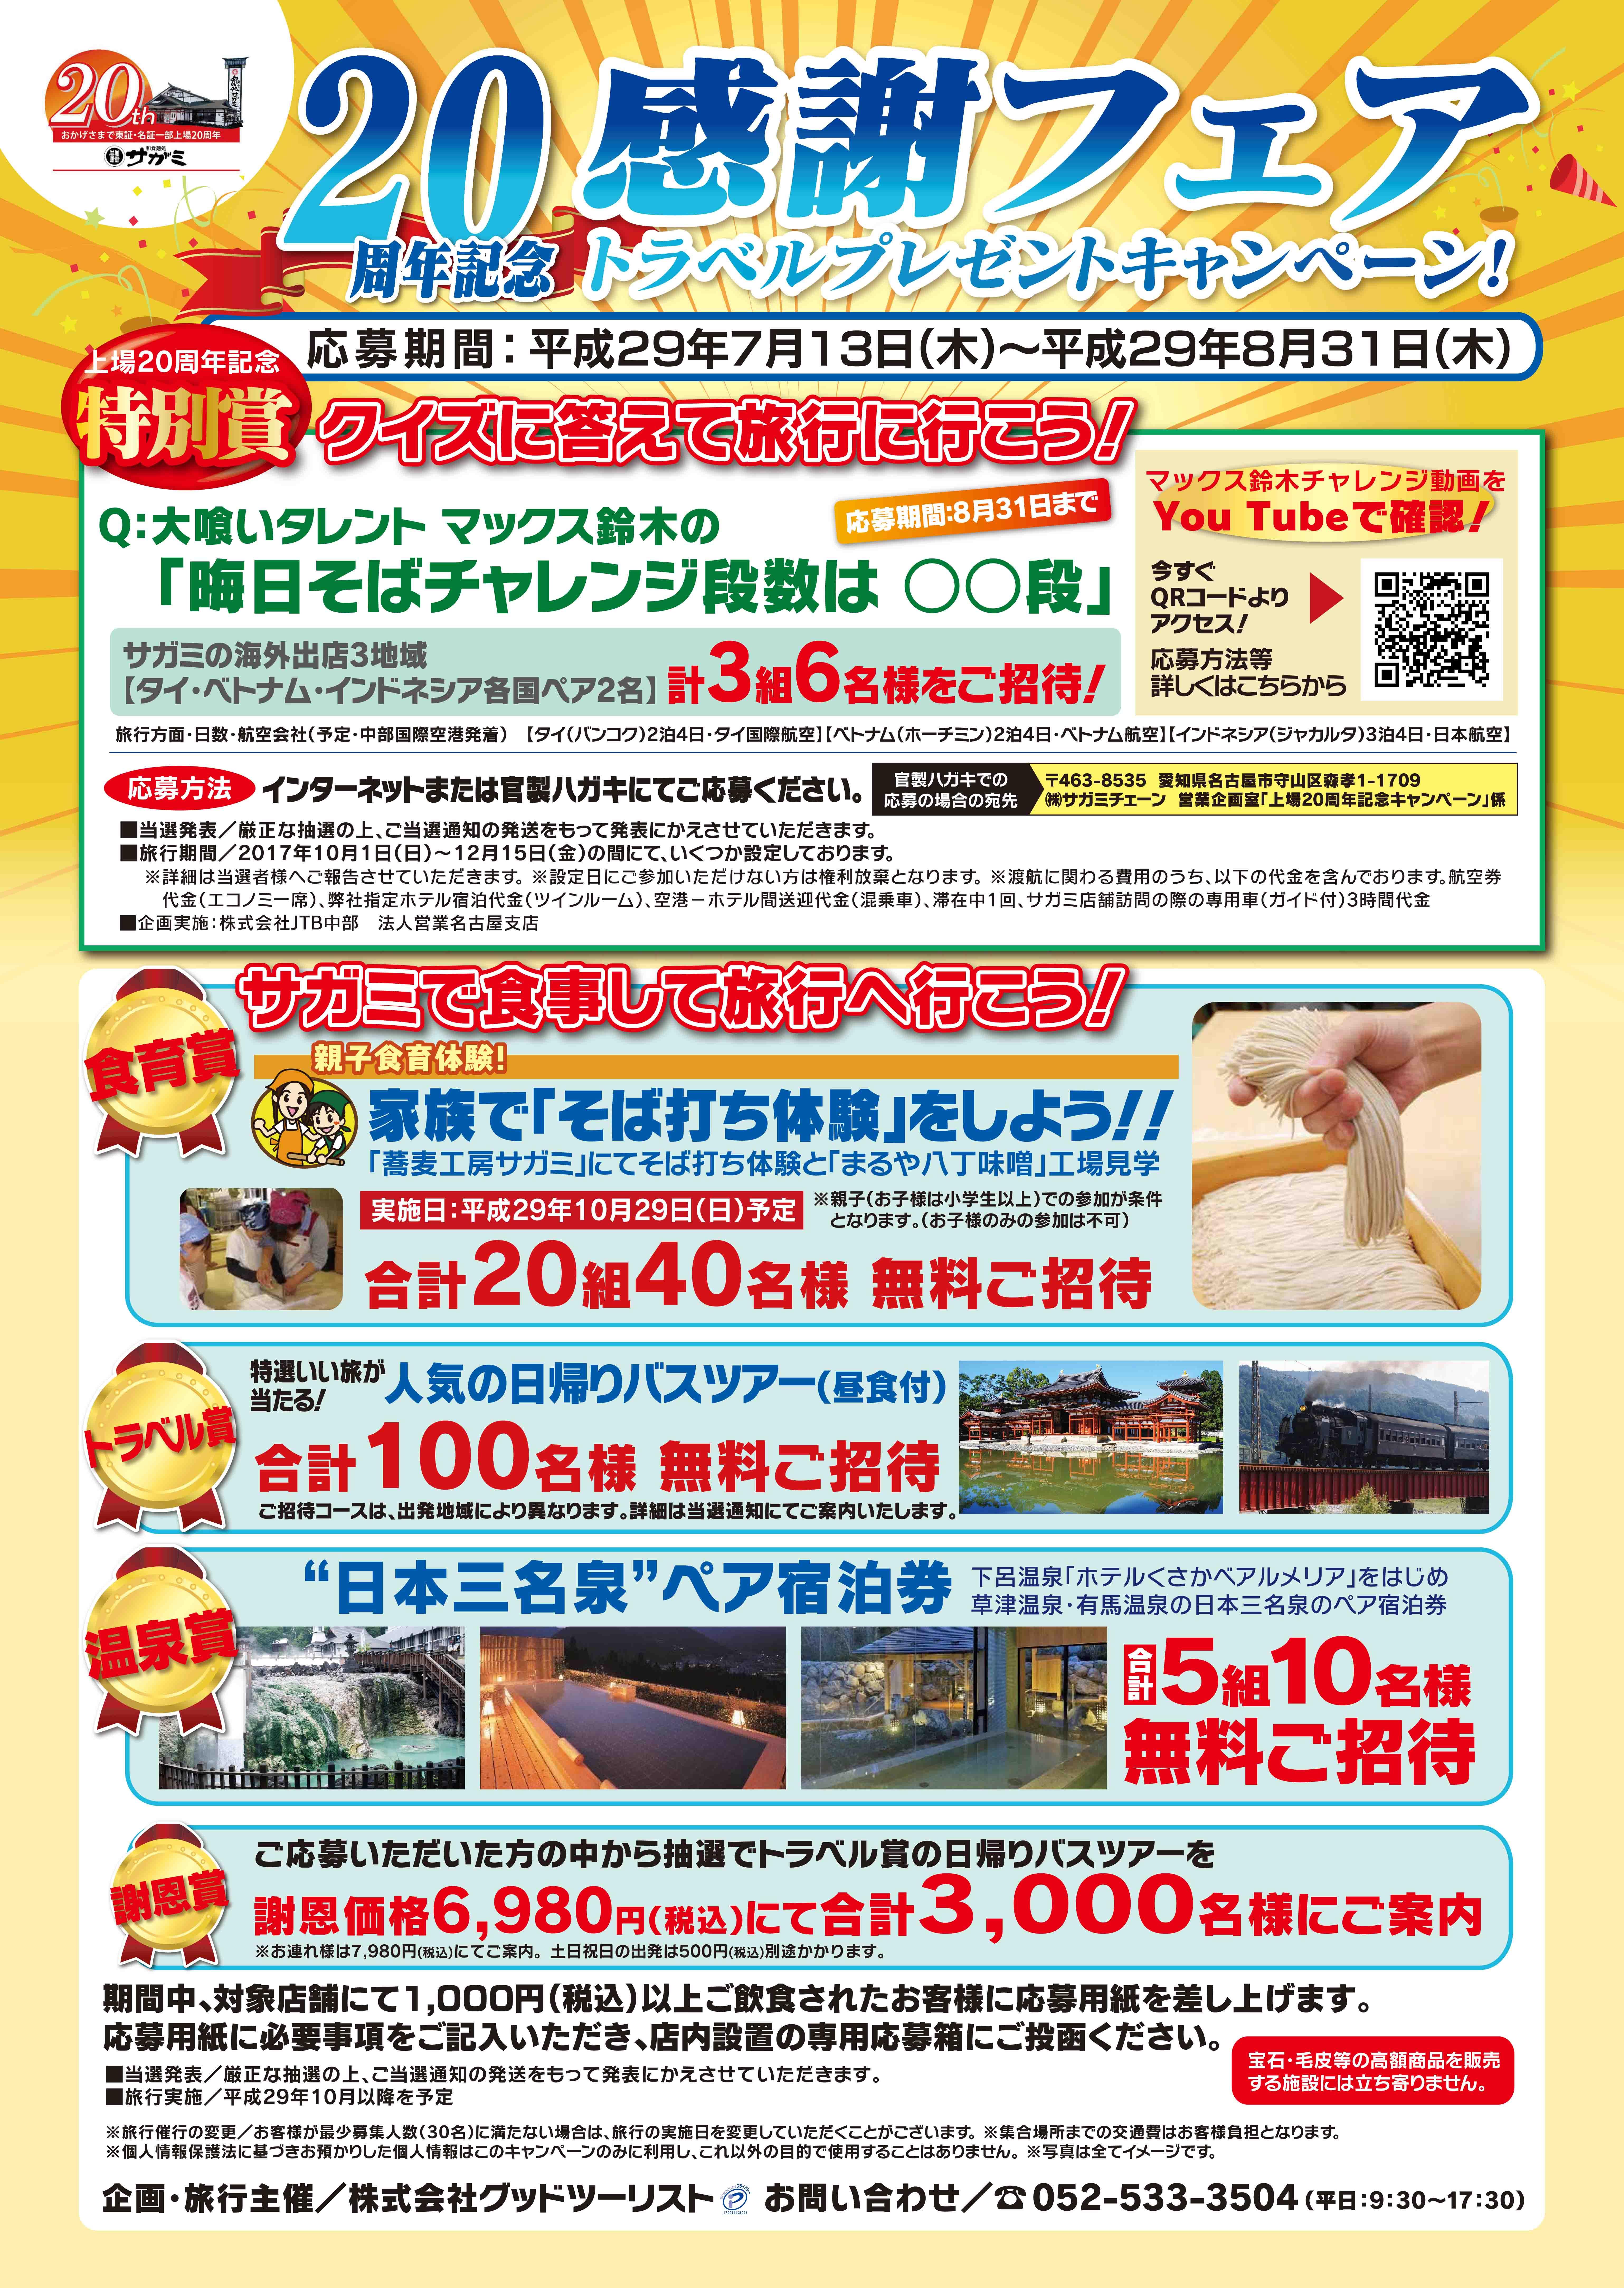 【株式会社サガミチェーン様】和食麺処サガミ 20周年記念トラベルプレゼントキャンペーン実施中